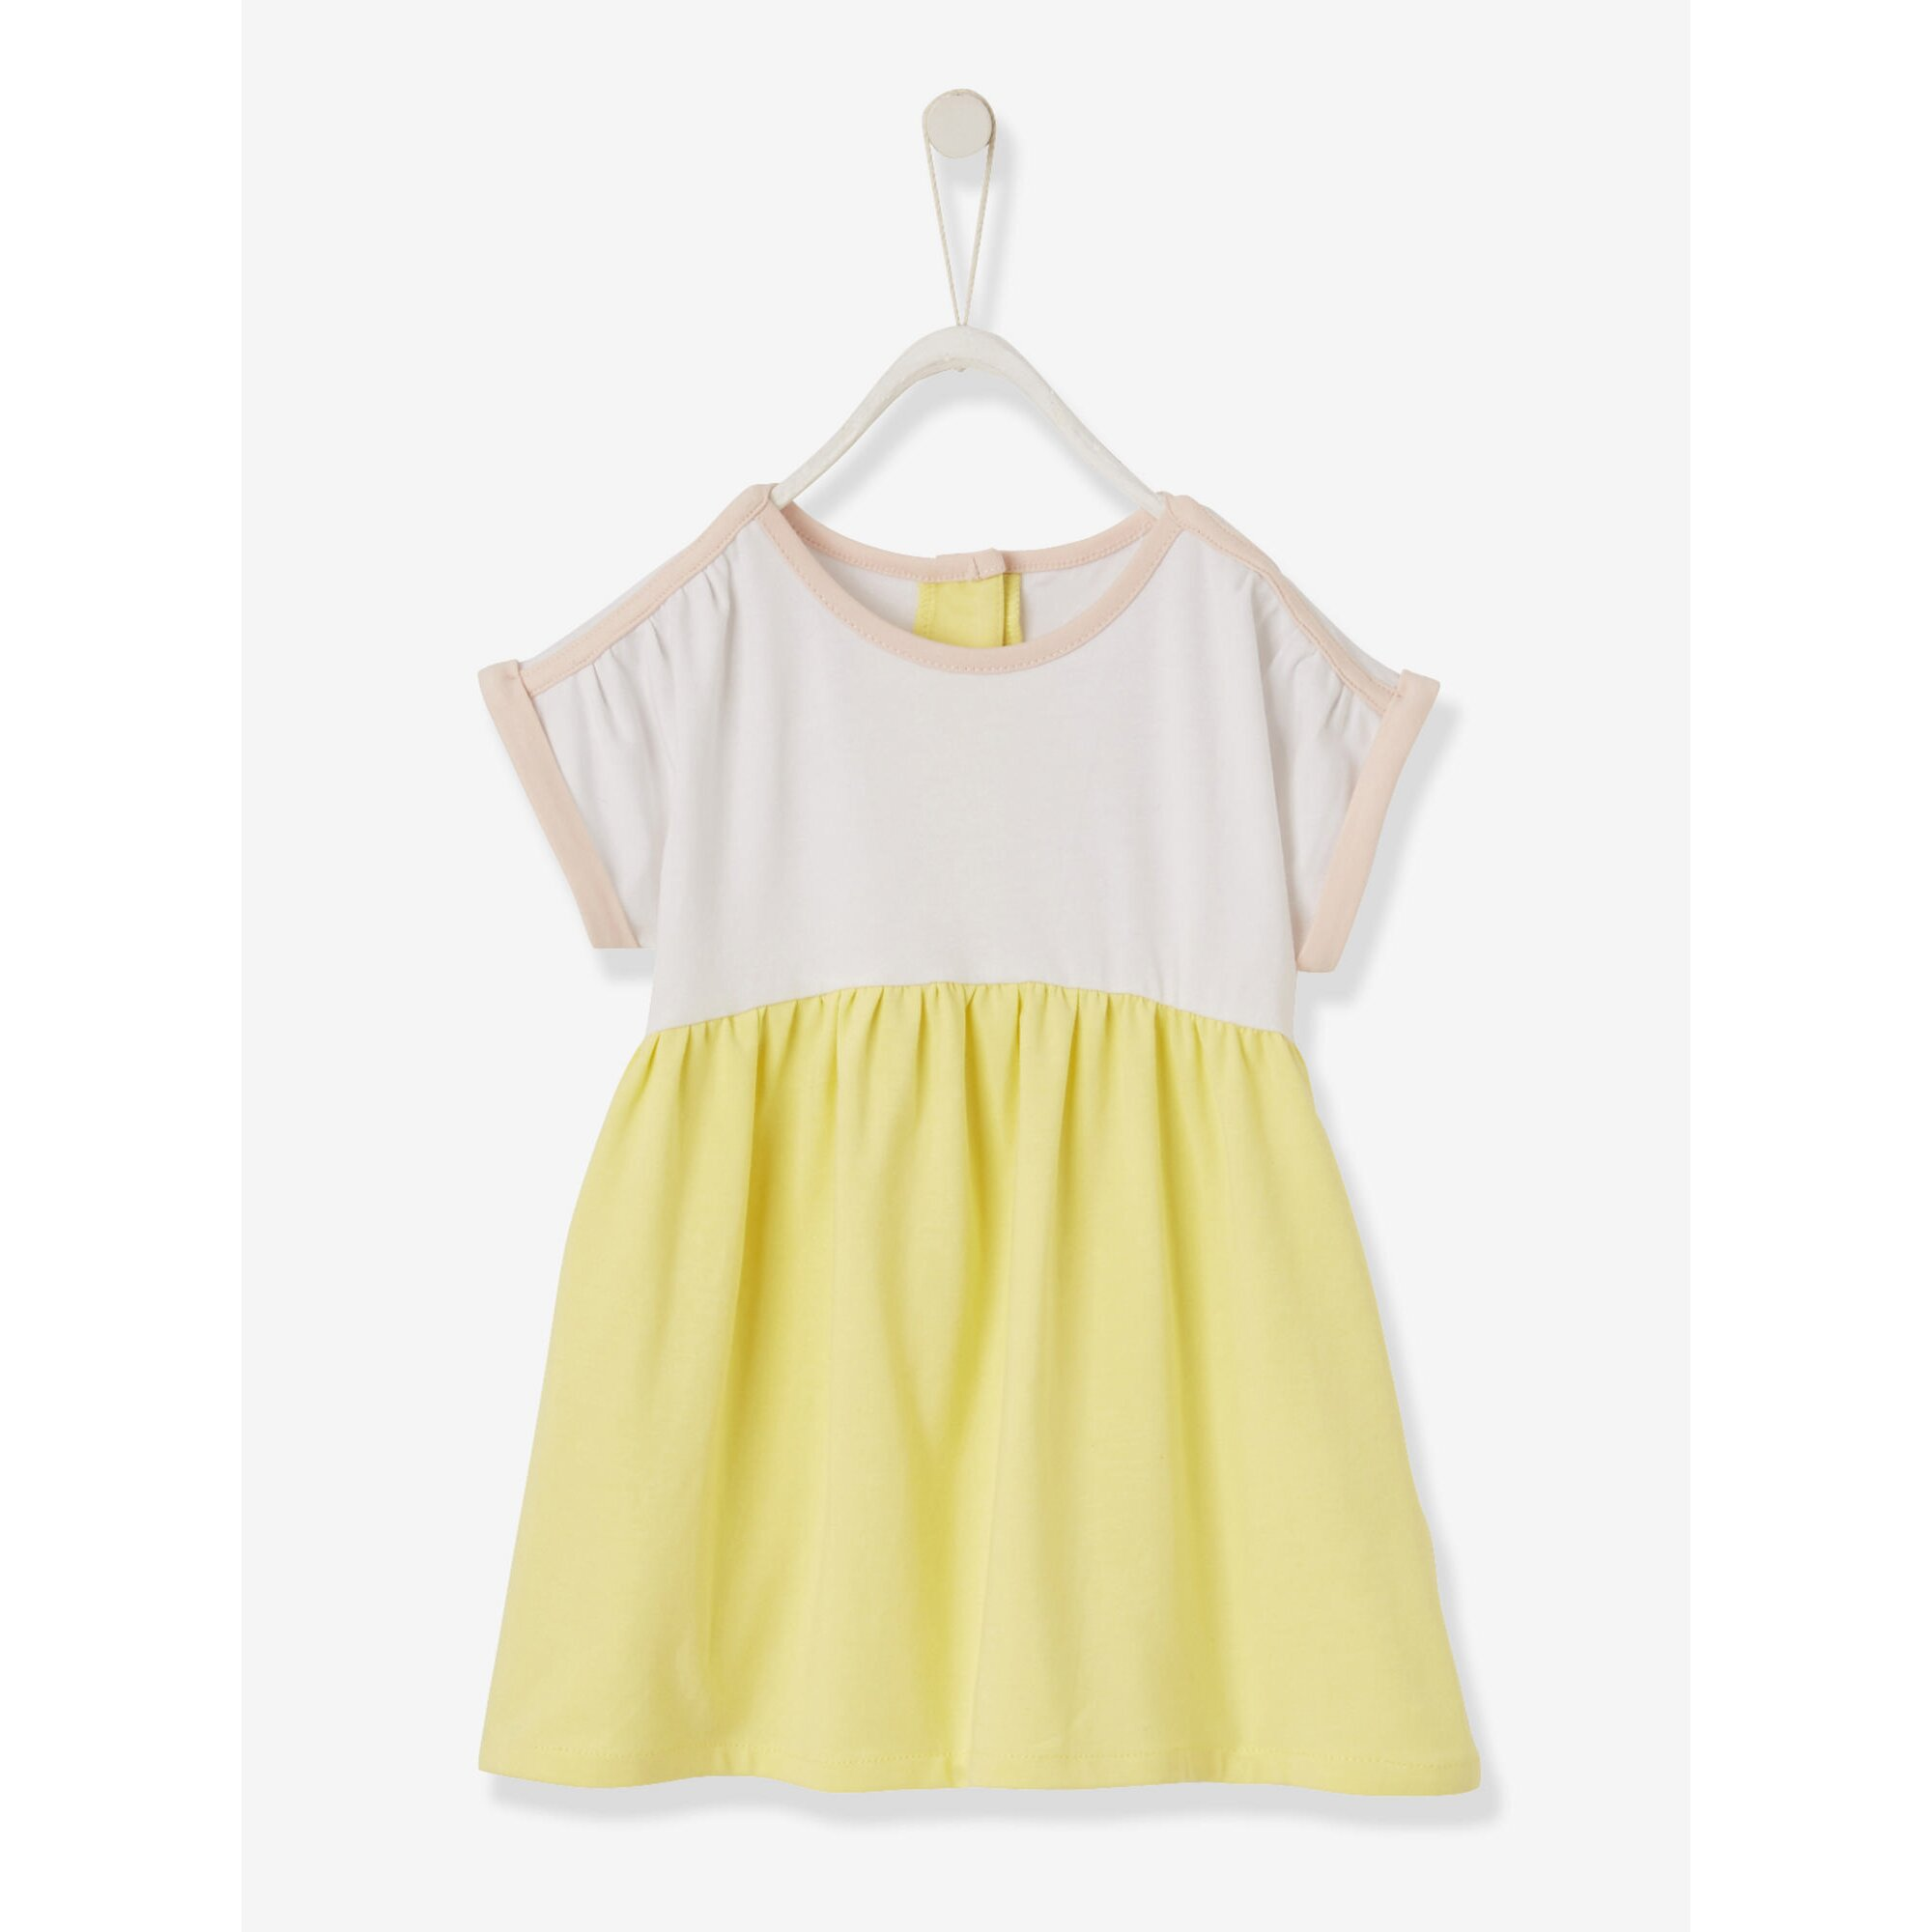 Vertbaudet Babykleid aus Jersey, zweifarbig